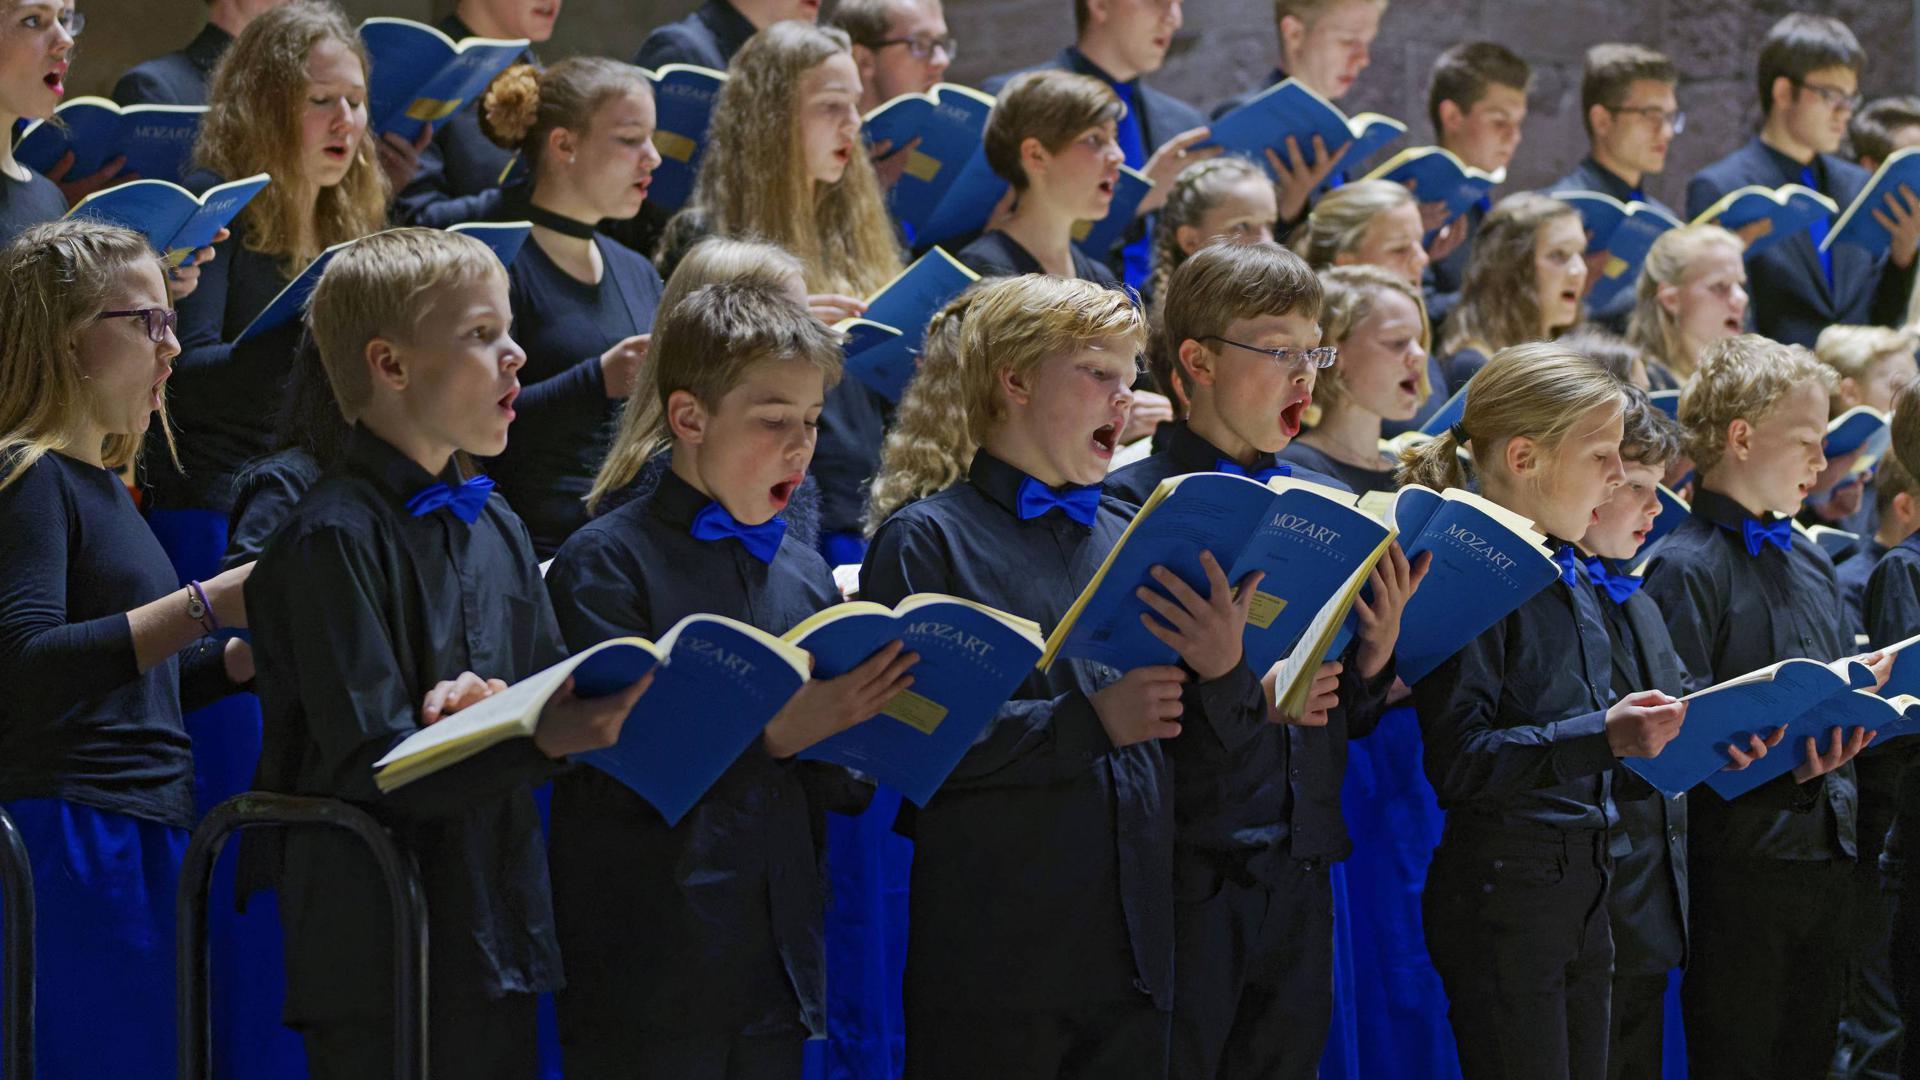 Singende Mädchen und Jungen mit blauen Notenheften in den Händen.